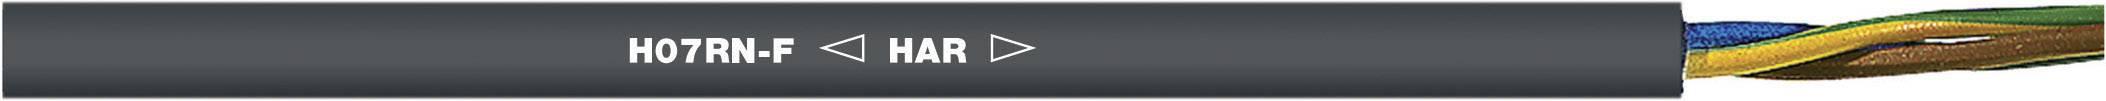 Připojovací kabel H07RN-F 2 x 4 mm² černá LappKabel 1600186 metrové zboží